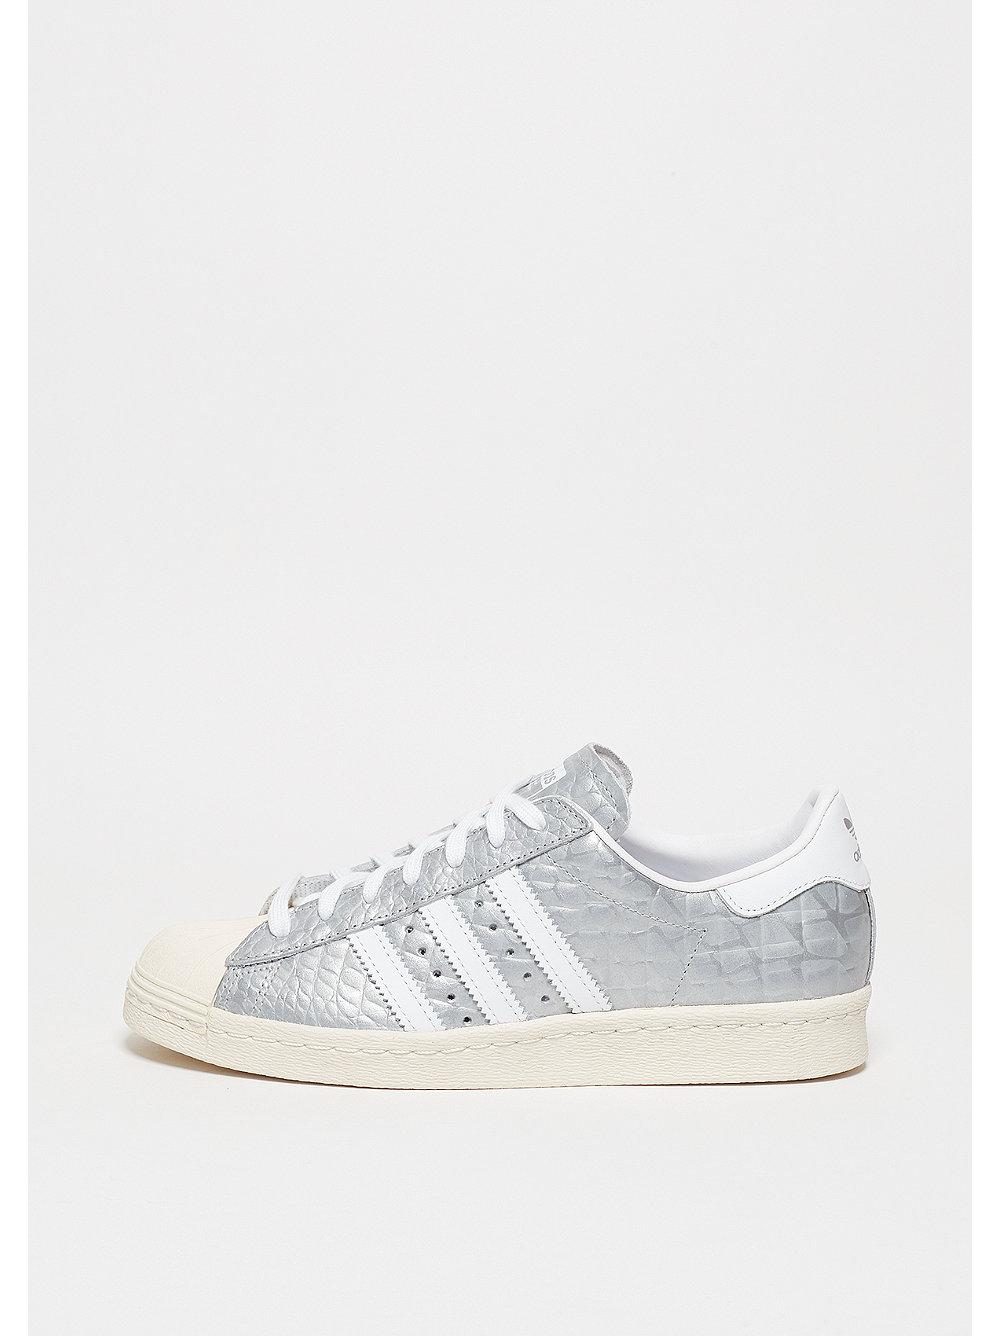 Adidas Superstar damessneaker zilver, wit en grijs